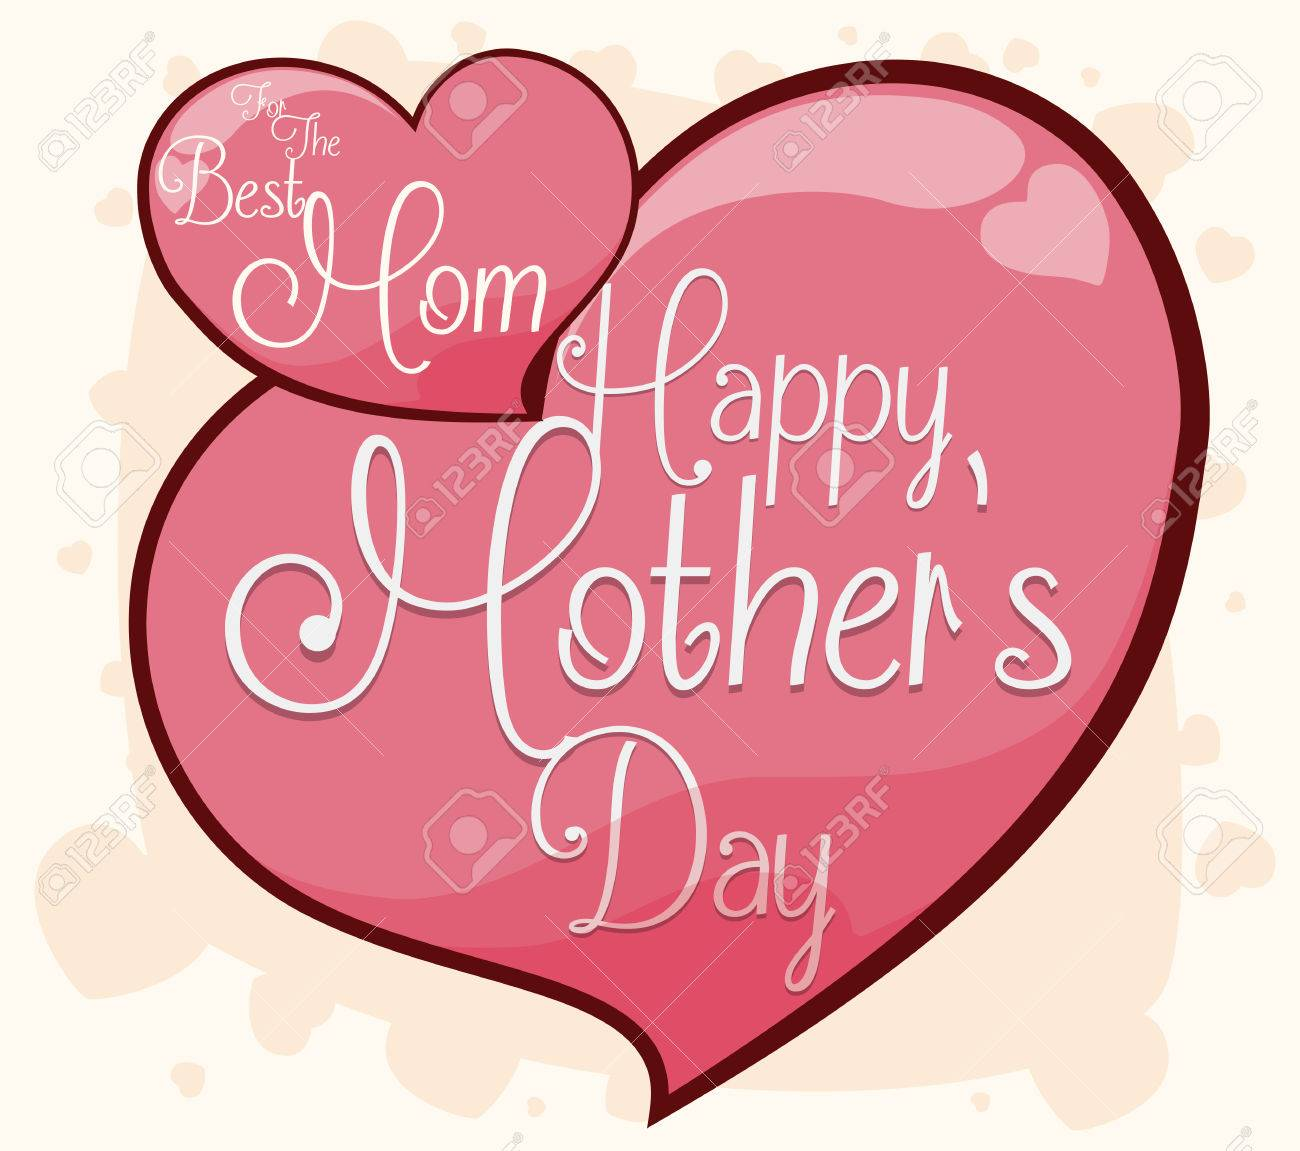 Diseño De Corazones Bonitos Con Mensajes De Saludo Para Celebrar El Día De La Madre